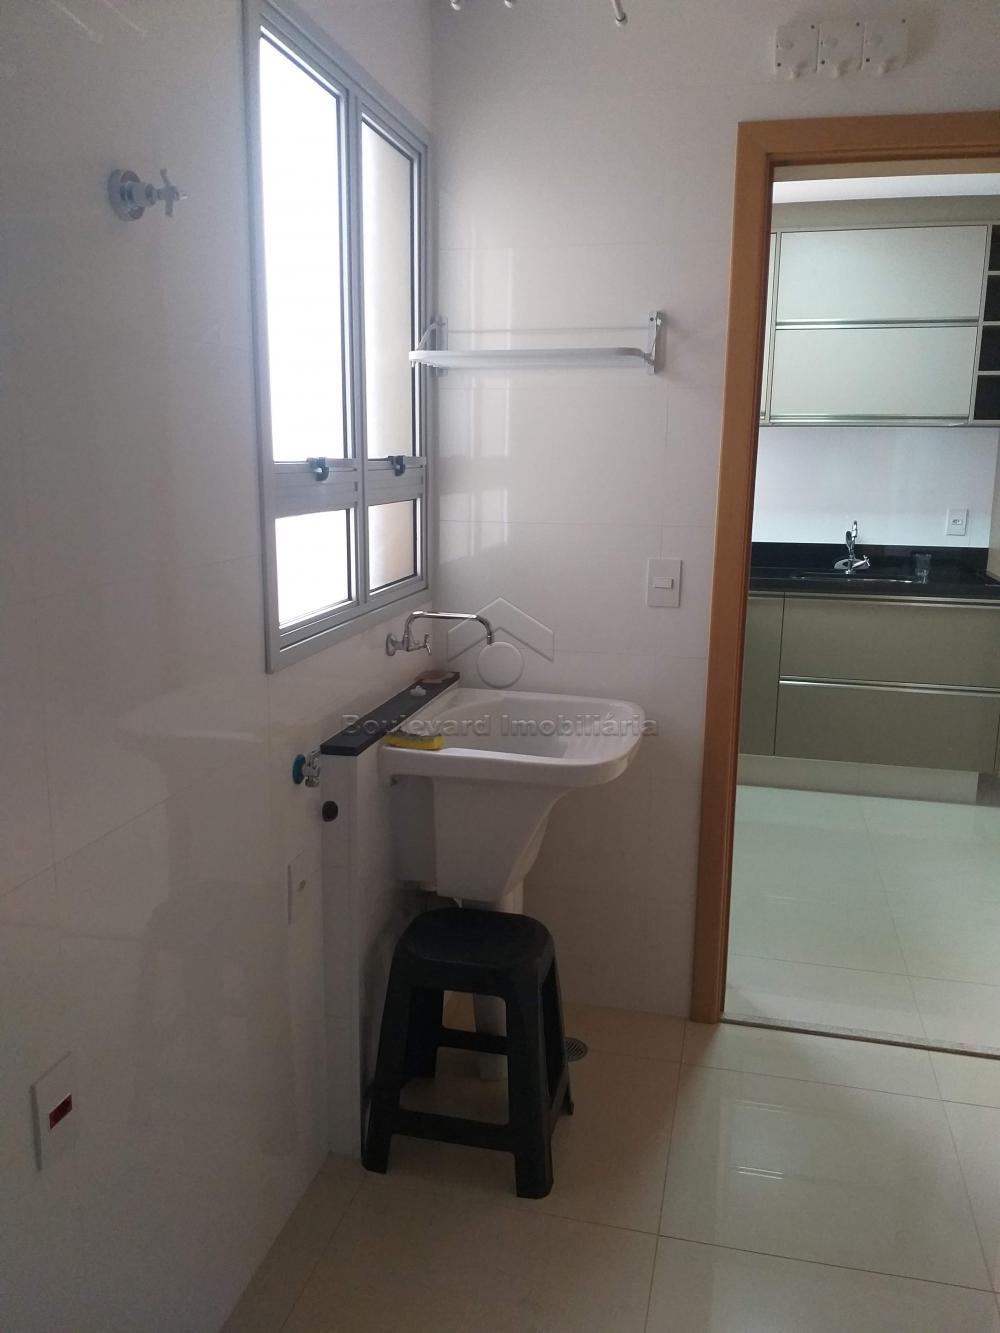 Comprar Apartamento / Padrão em Ribeirão Preto apenas R$ 740.000,00 - Foto 29